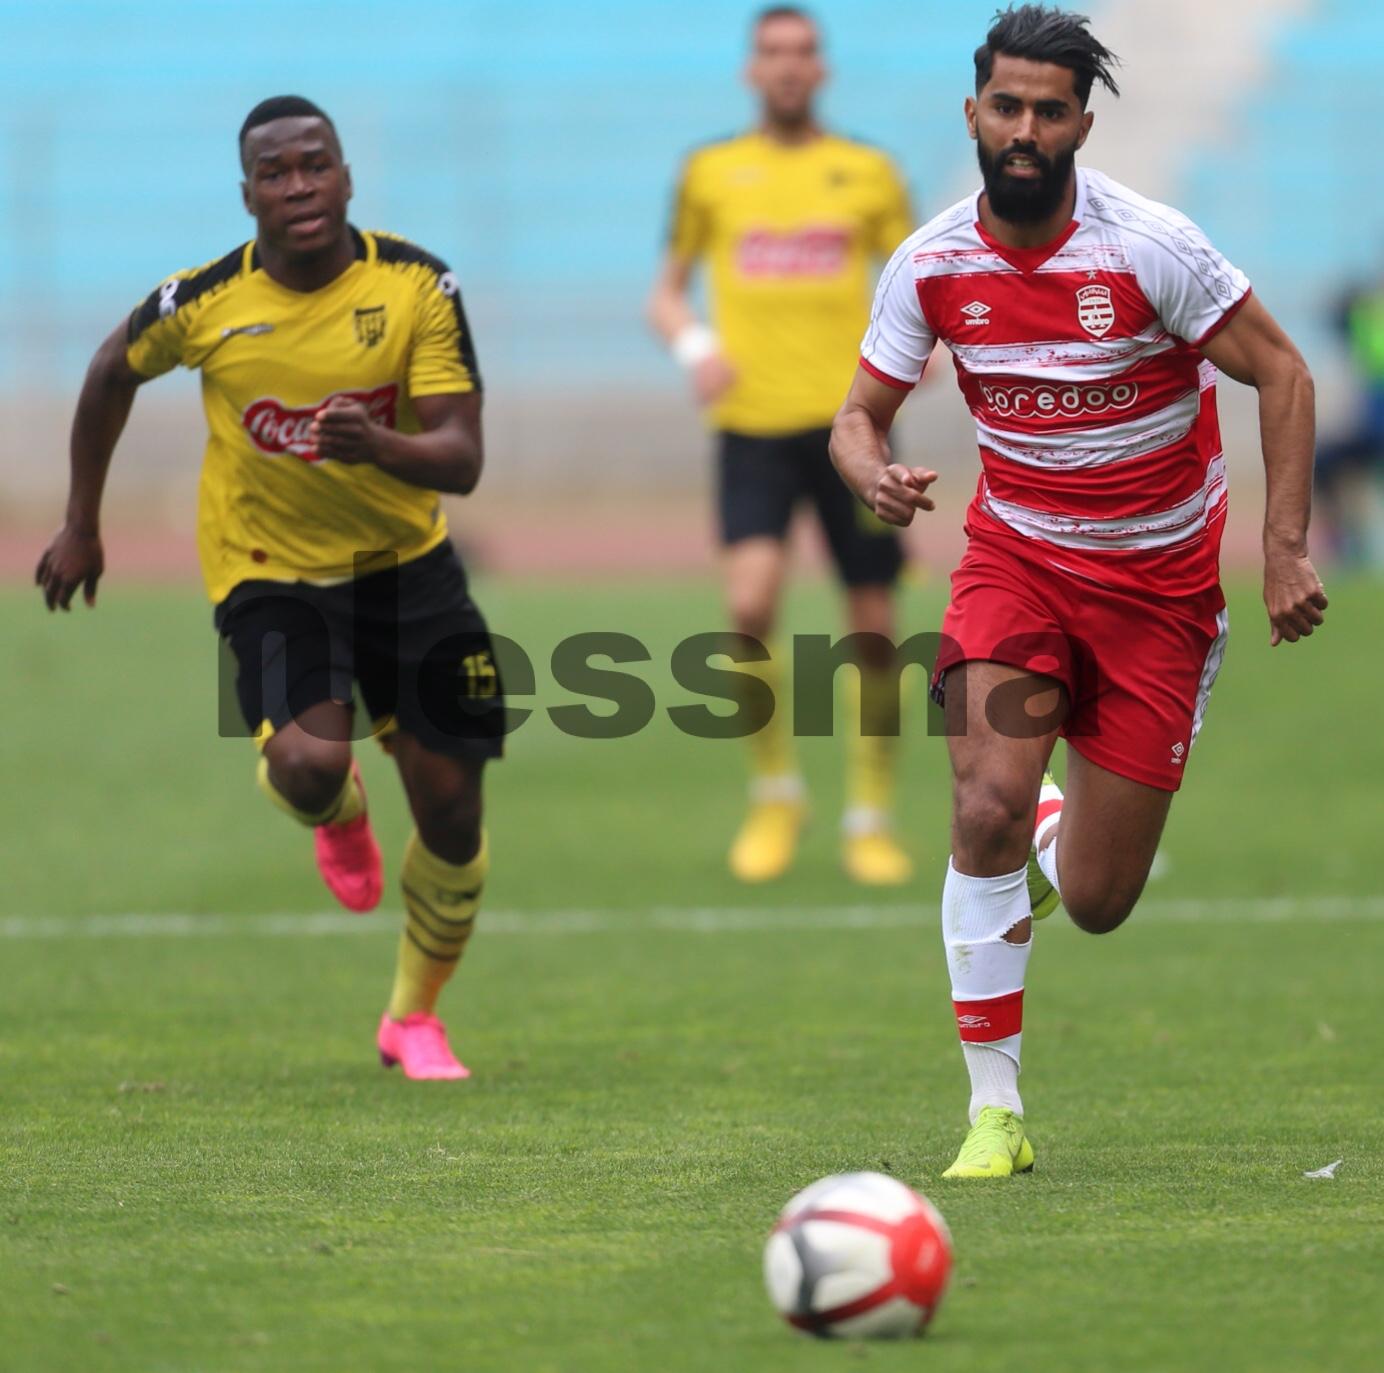 صور الشوط الثاني من مباراة النادي الإفريقي وإتحاد بن قردان